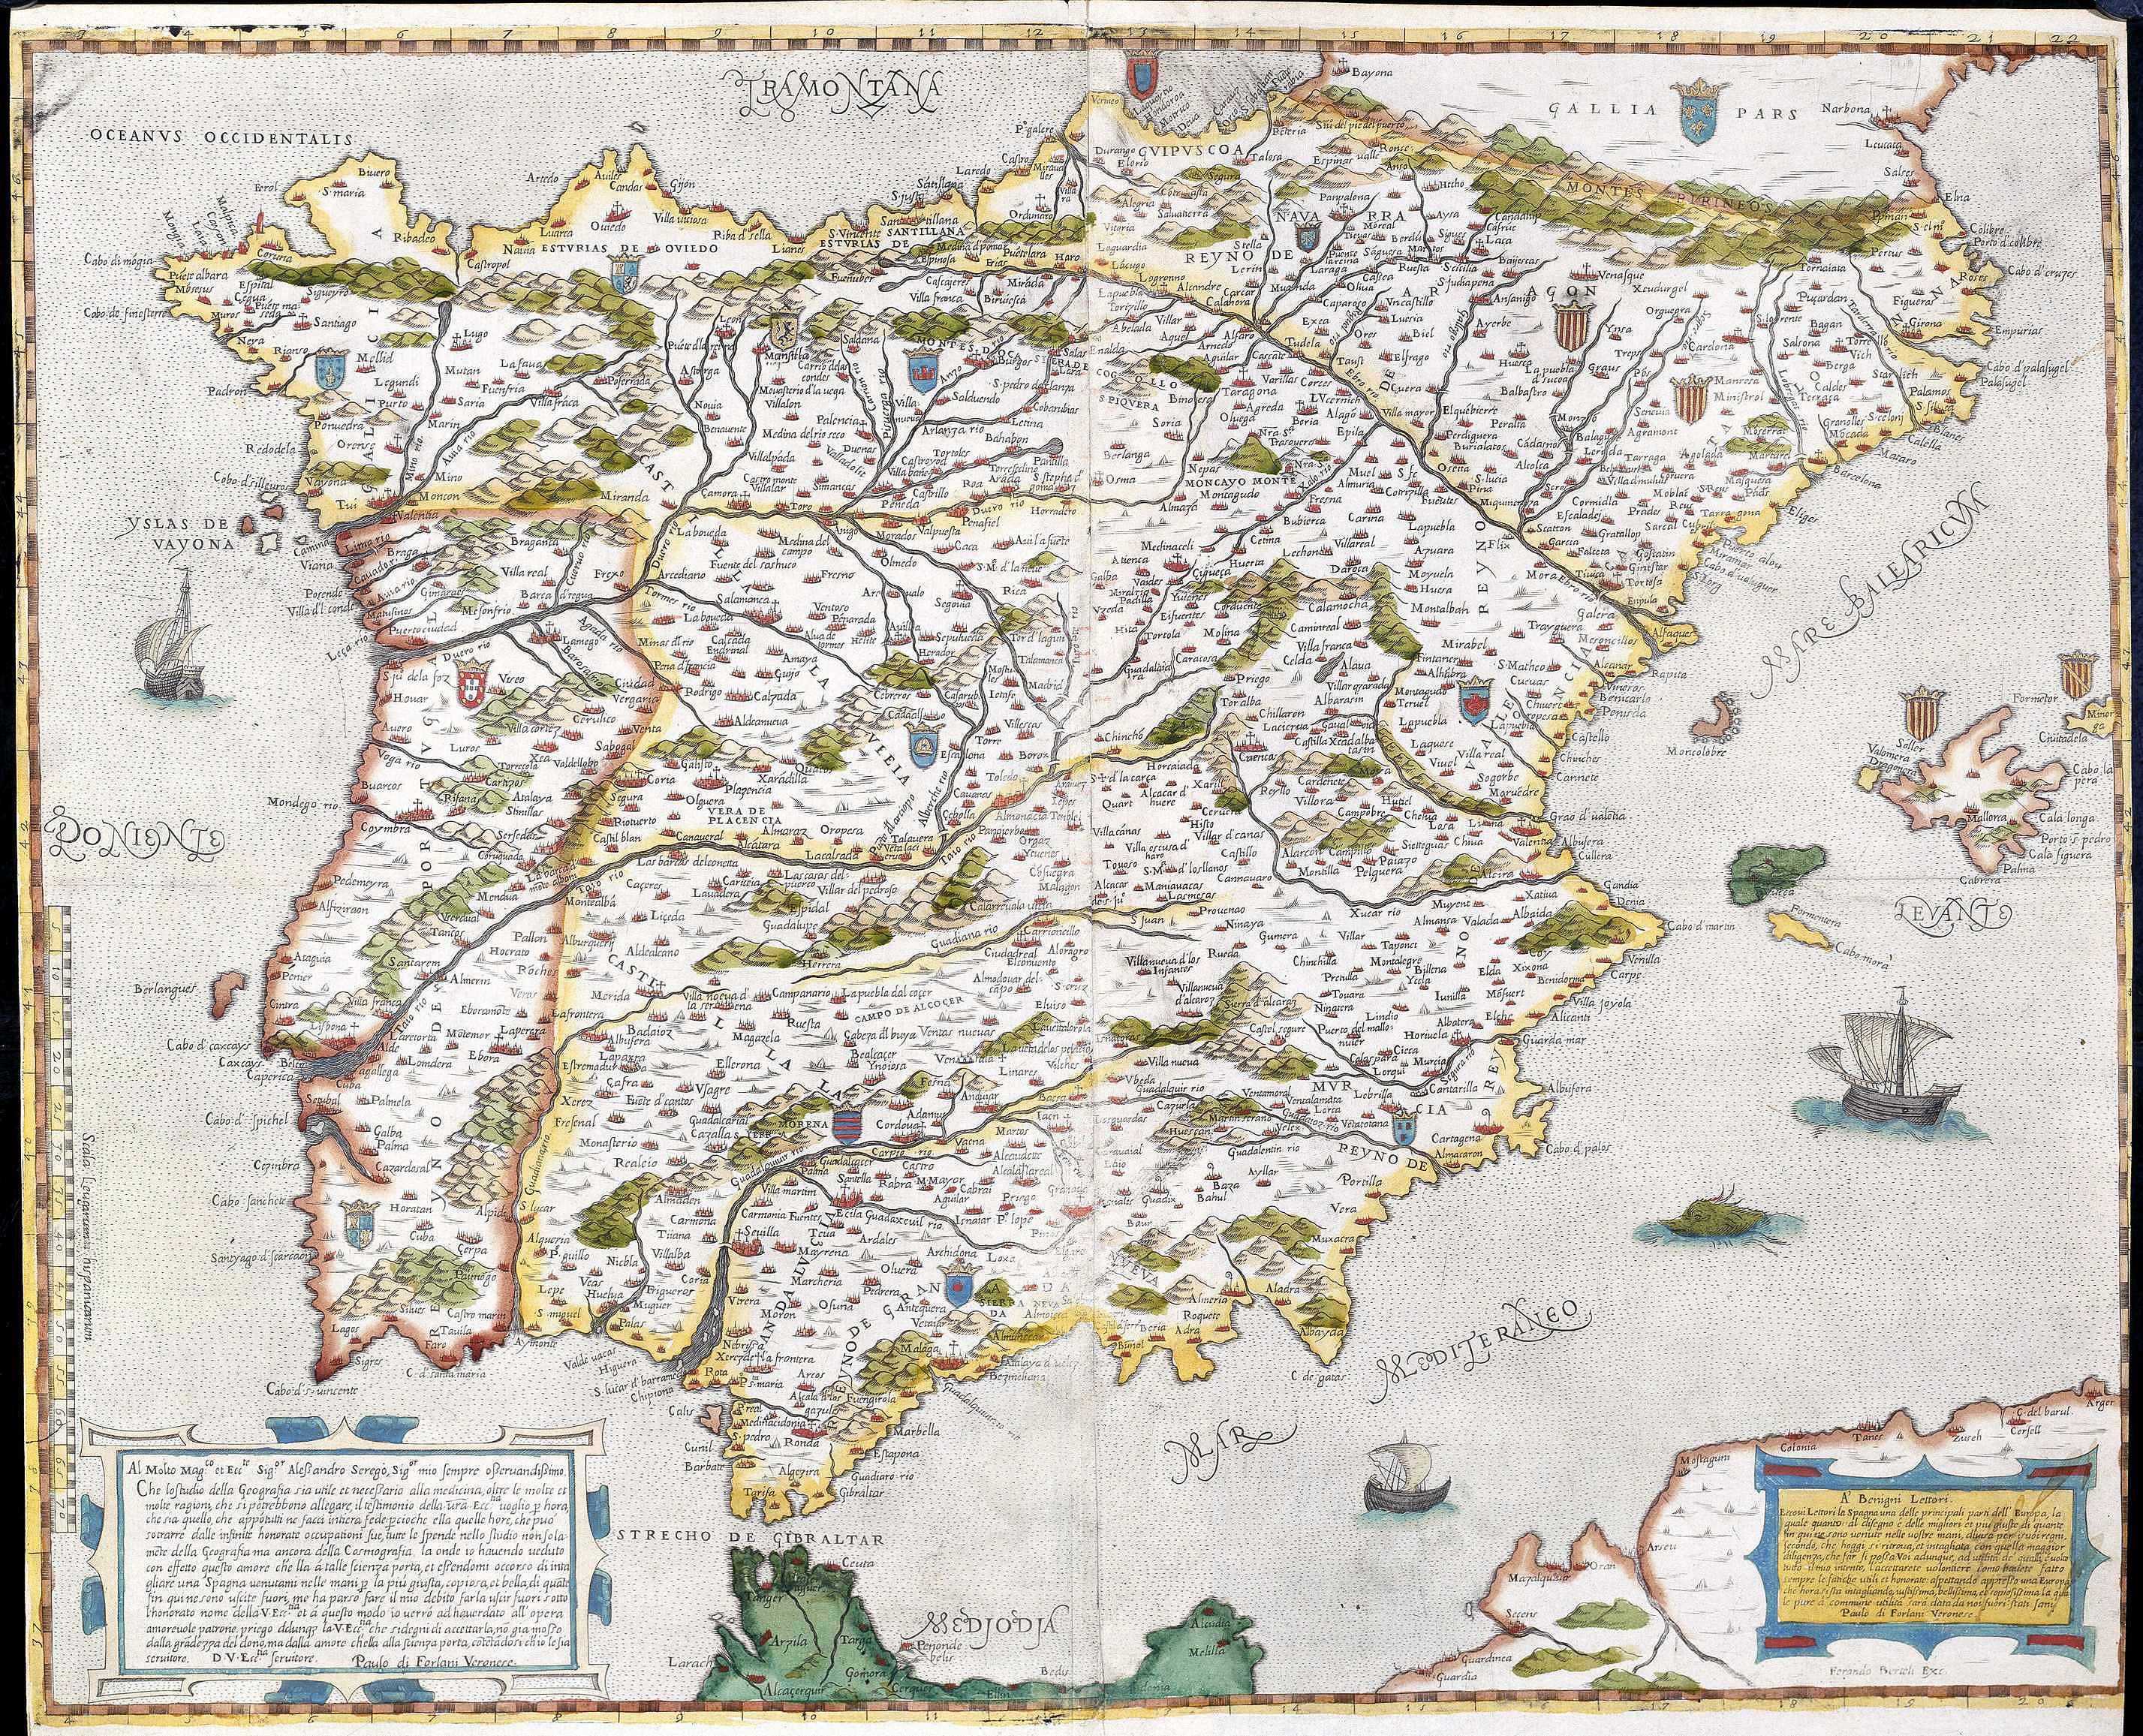 España Y Portugal Mapa.File Mapa De Espana Y Portugal Forlani De Veronese Jpg